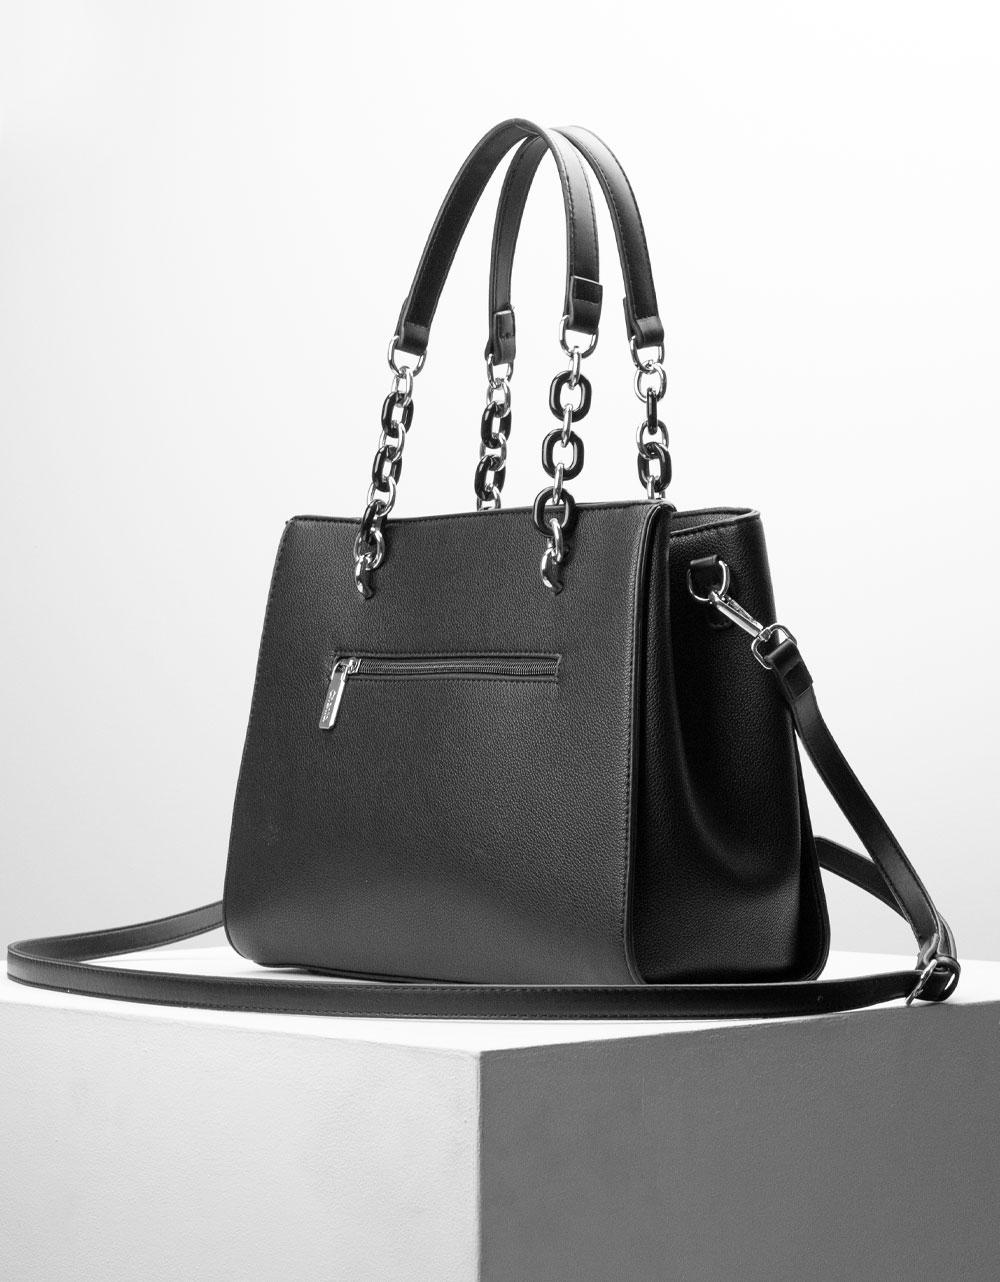 Εικόνα από Γυναικεία τσάντα ώμου με λουράκι χιαστί Μαύρο